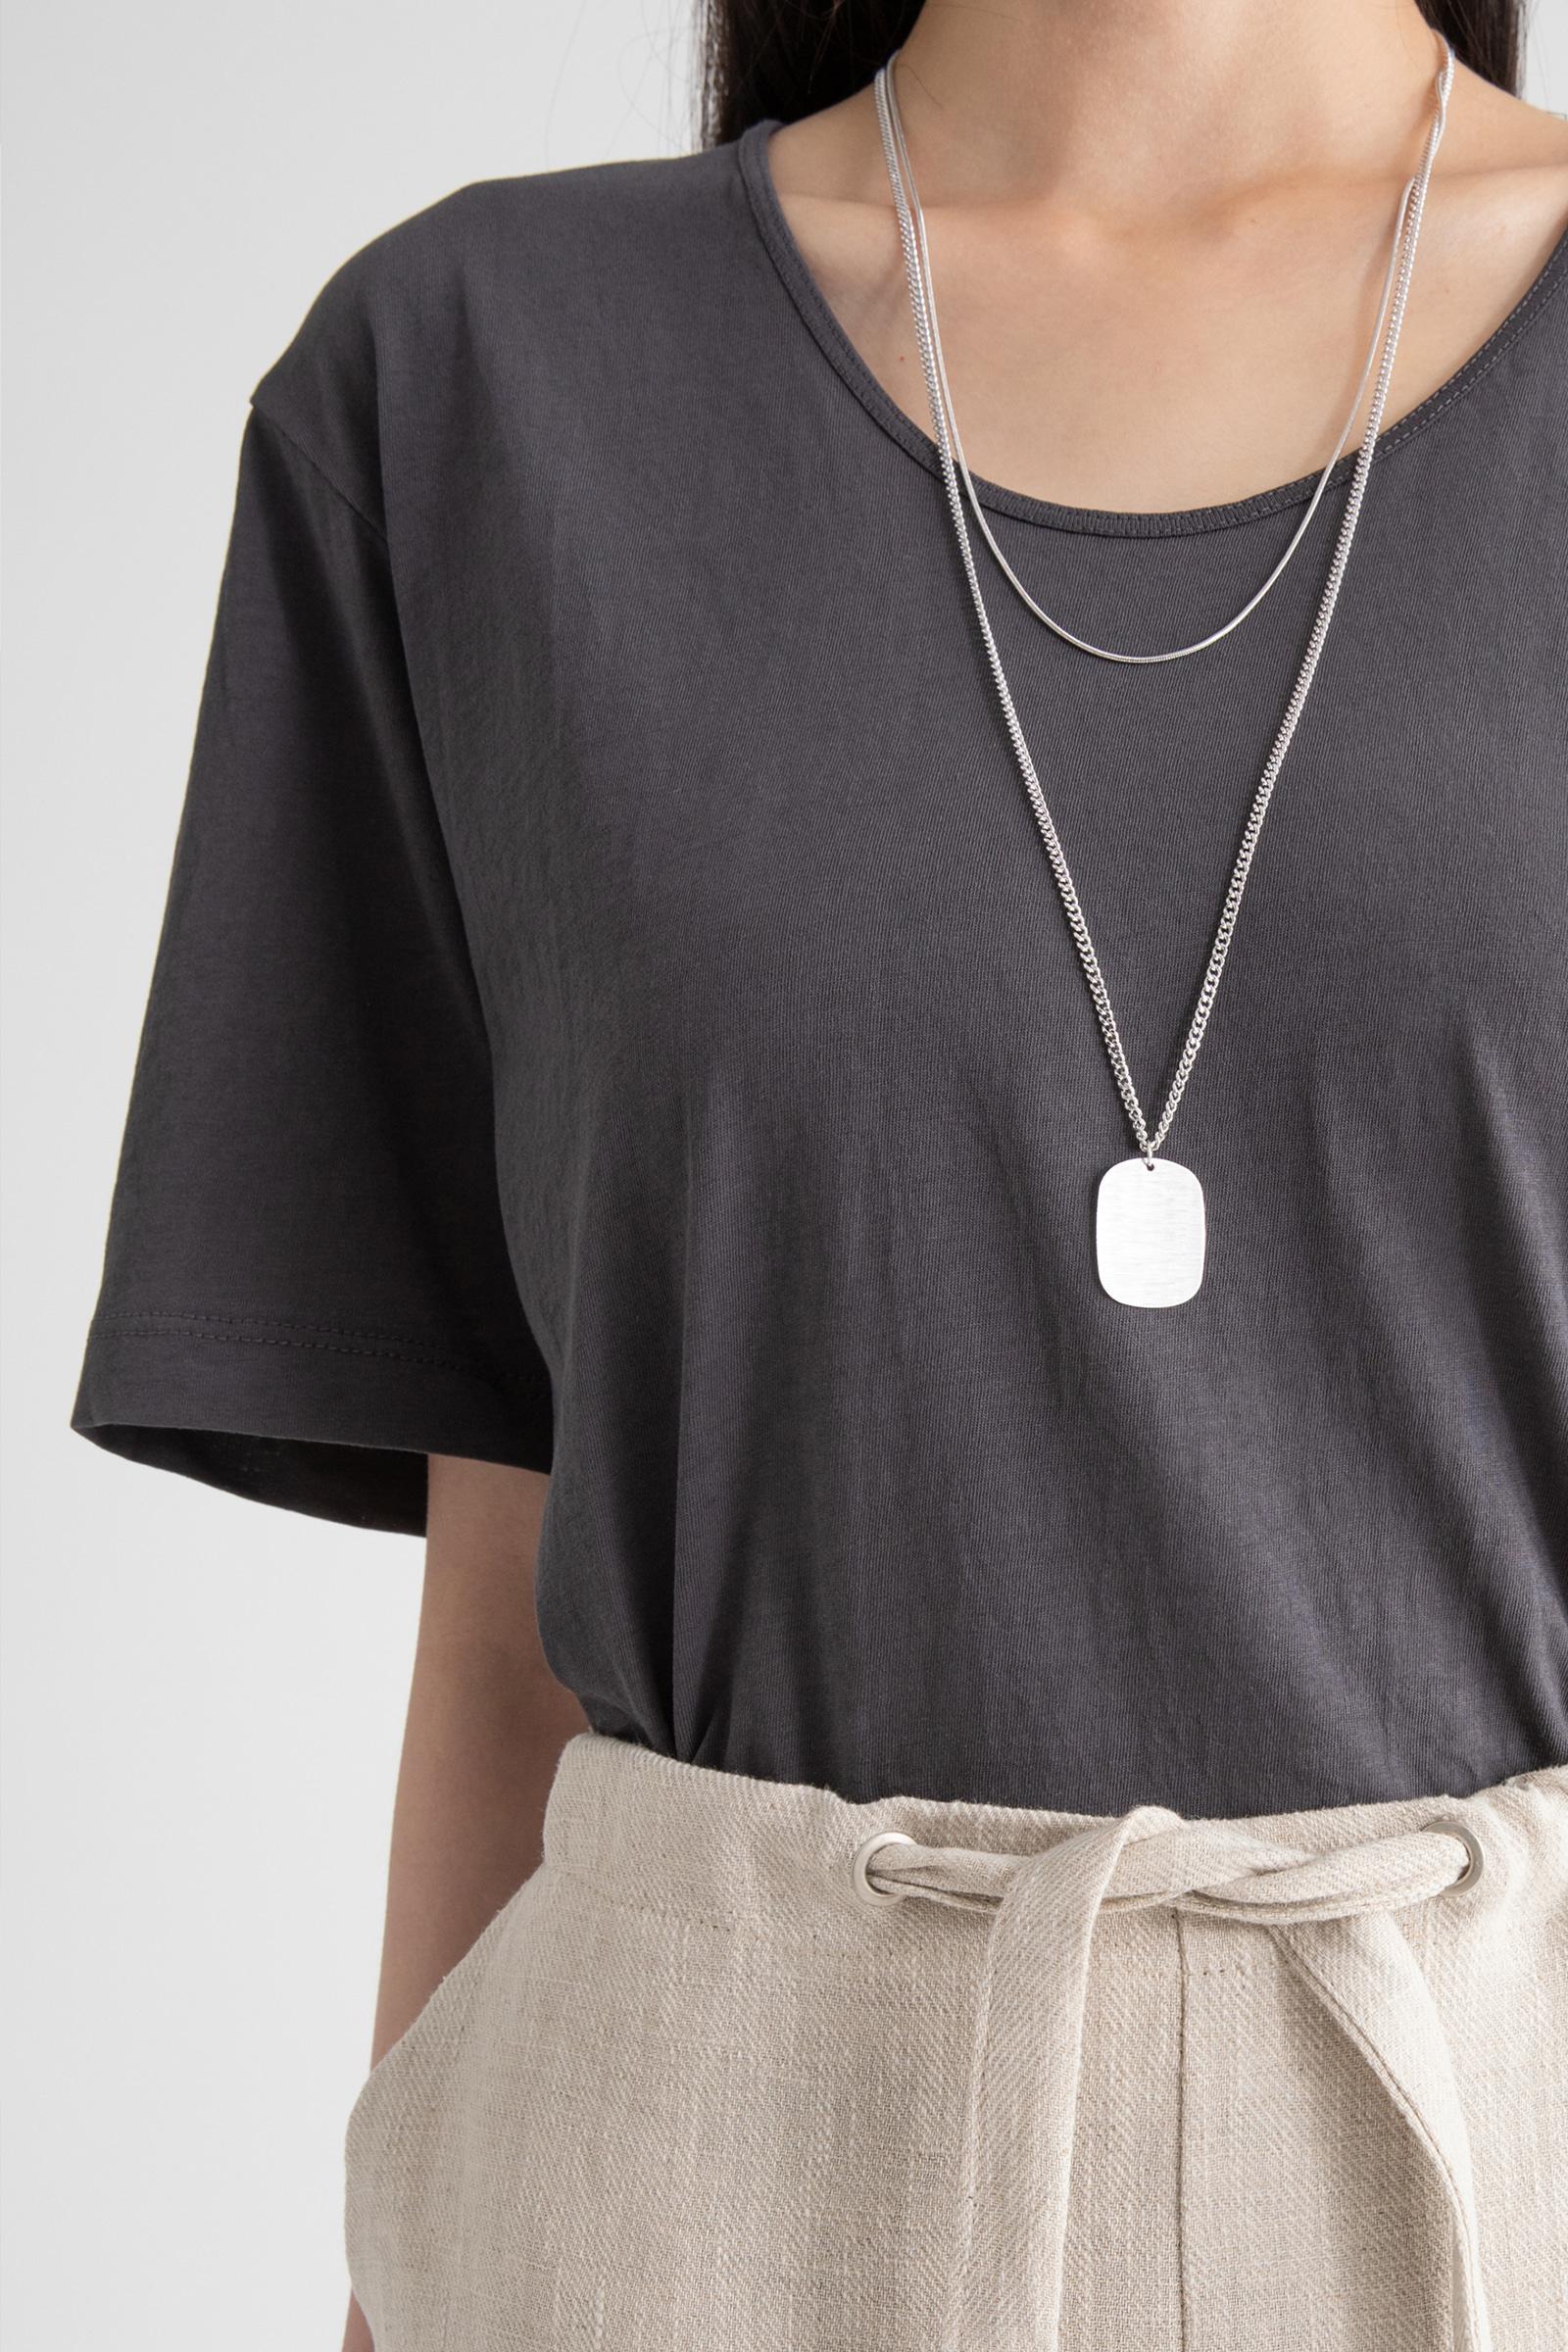 Millie round neck t-shirt